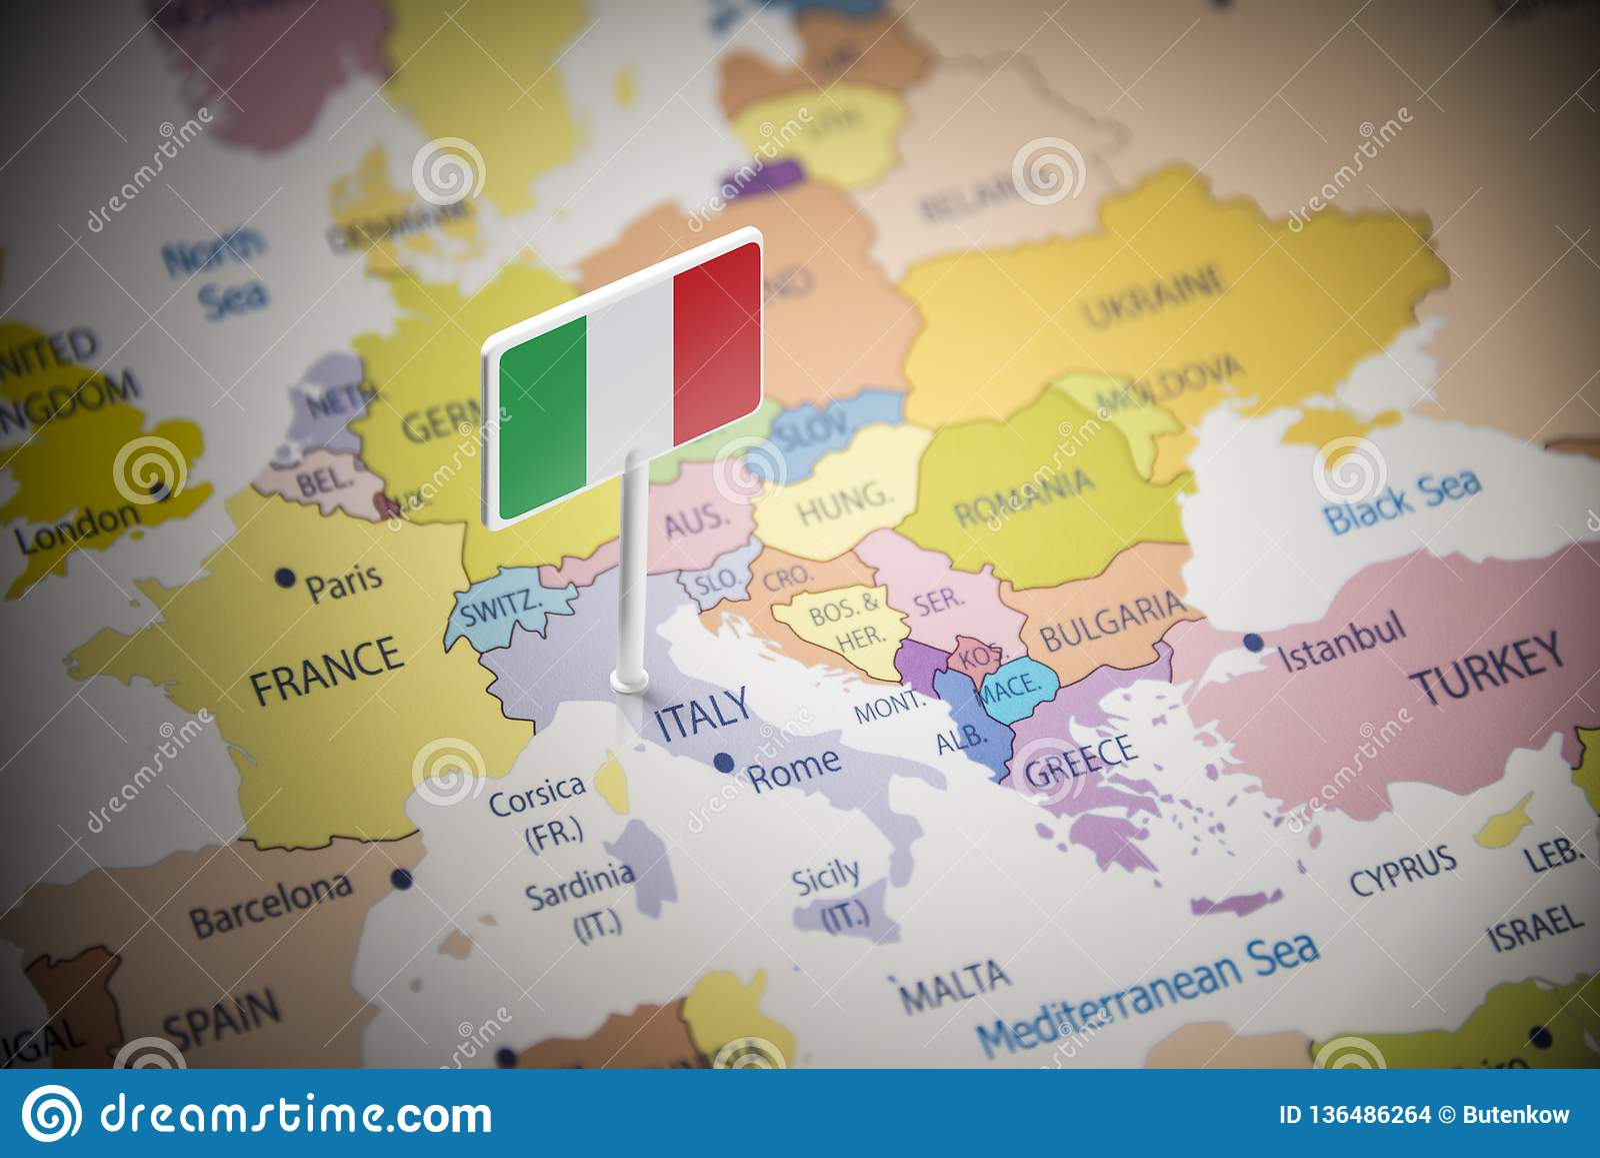 Itália identificou por meio de uma bandeira no mapa